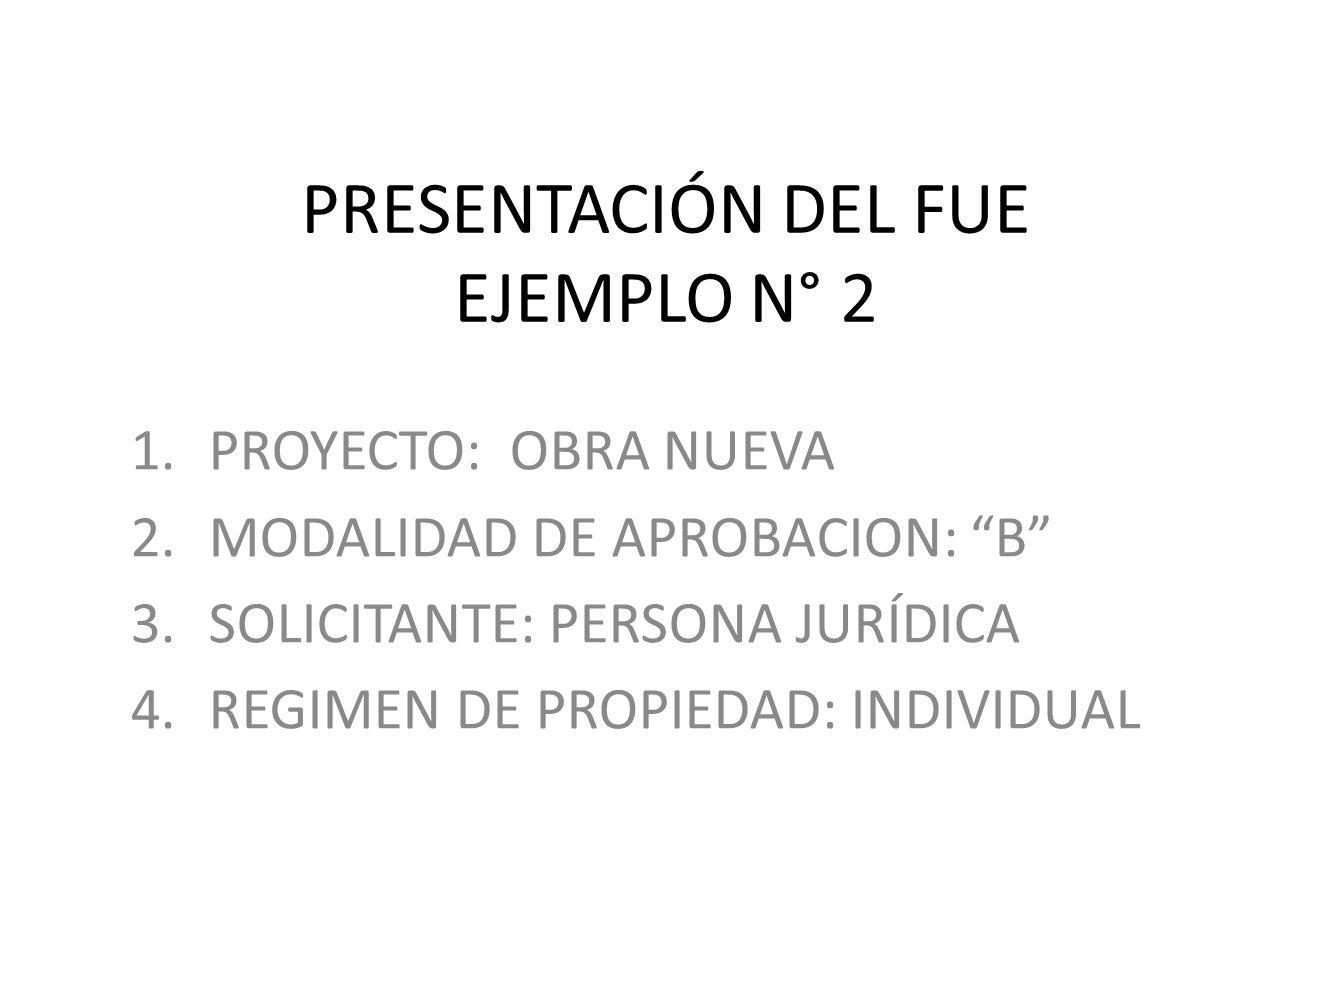 PRESENTACIÓN DEL FUE EJEMPLO N° 2 1.PROYECTO: OBRA NUEVA 2.MODALIDAD DE APROBACION: B 3.SOLICITANTE: PERSONA JURÍDICA 4.REGIMEN DE PROPIEDAD: INDIVIDU